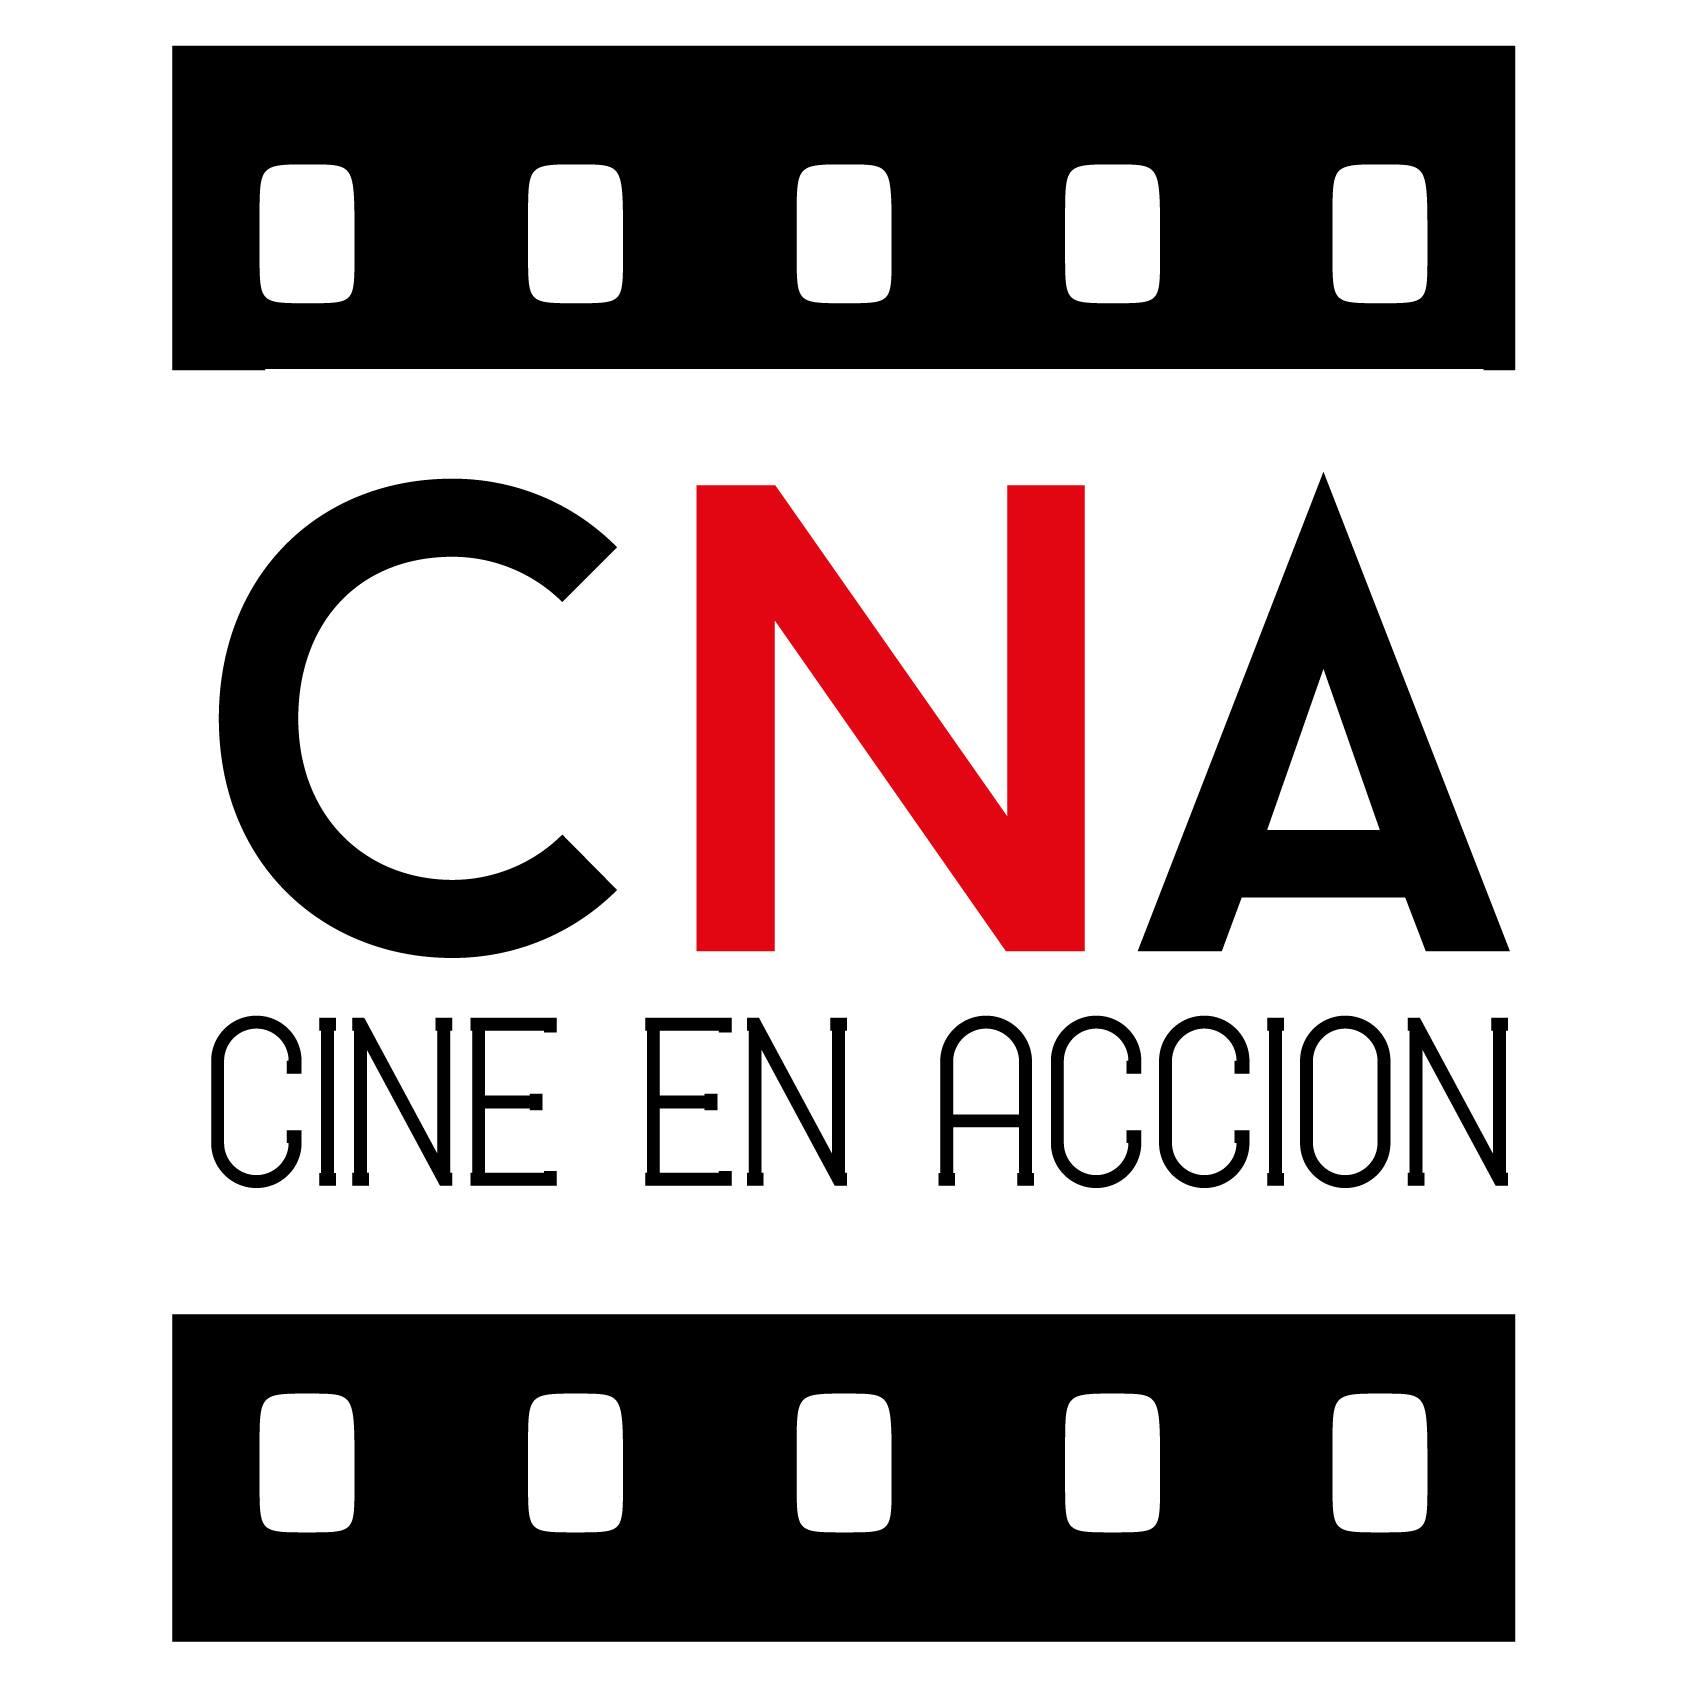 Logotipo Cine en Acción